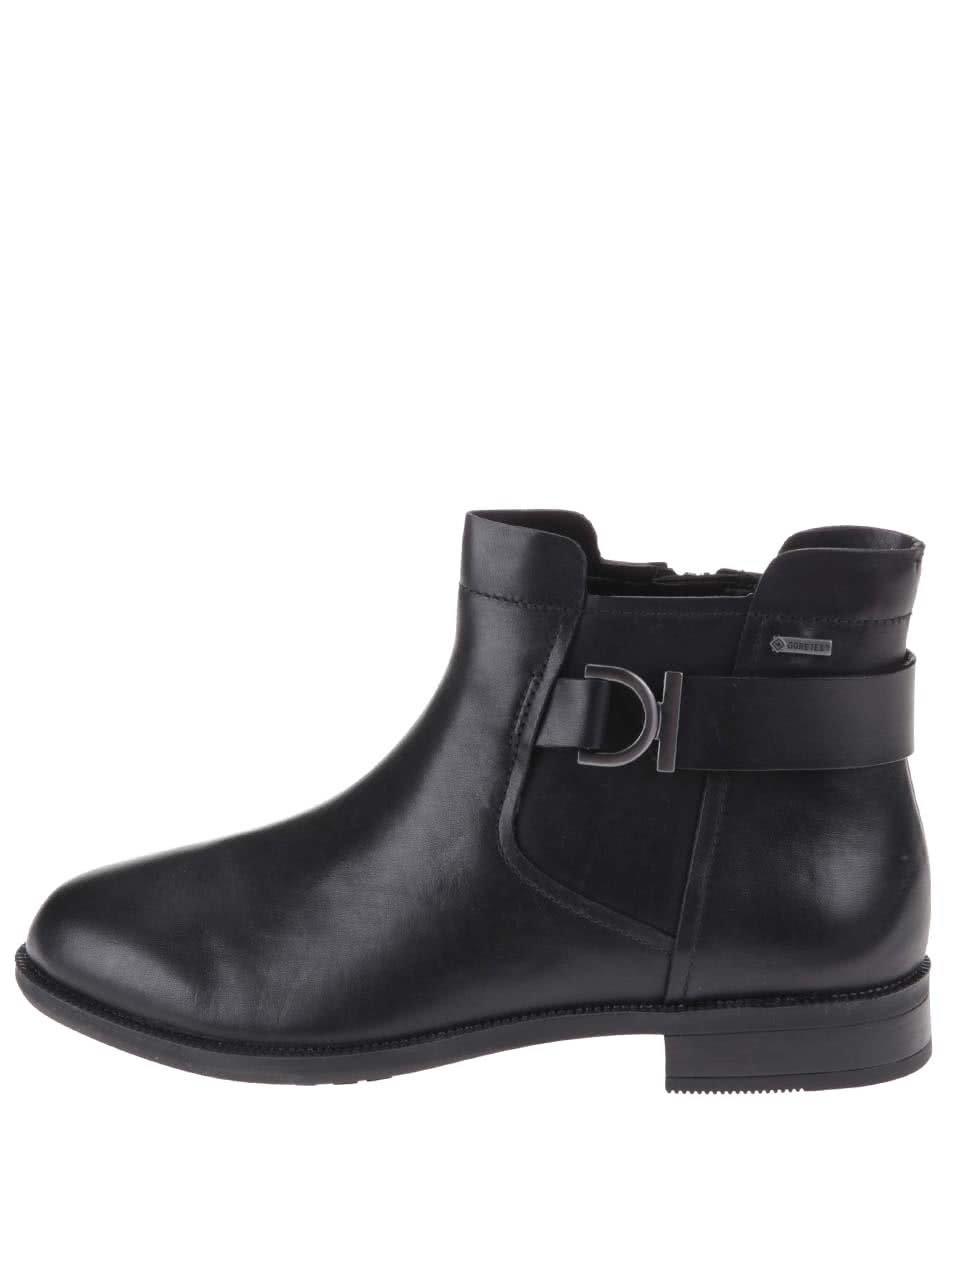 09dd02d7a6 Černé dámské kožené kotníkové boty s membránou GORE-TEX Clarks Mint Jam ...